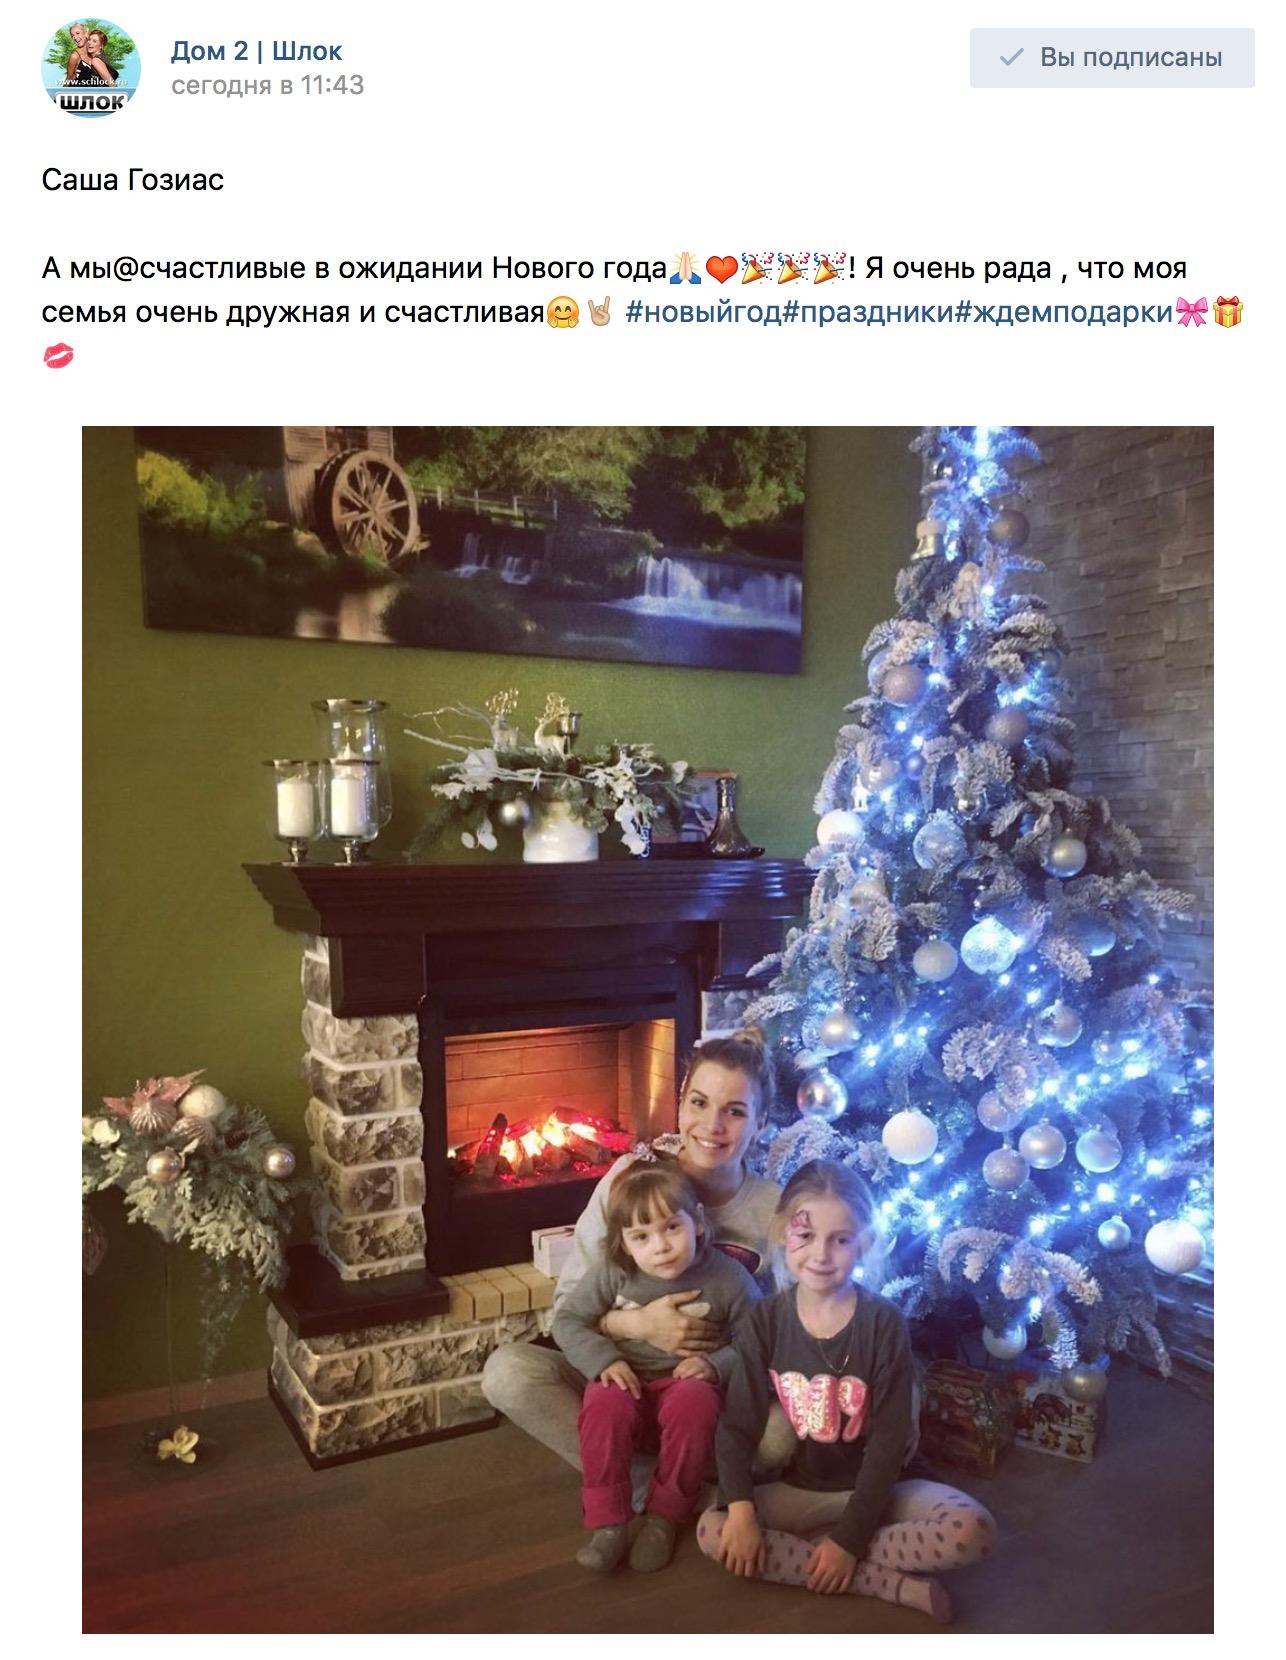 Саша Гозиас. А мы@счастливые в ожидании Нового года??❤???!